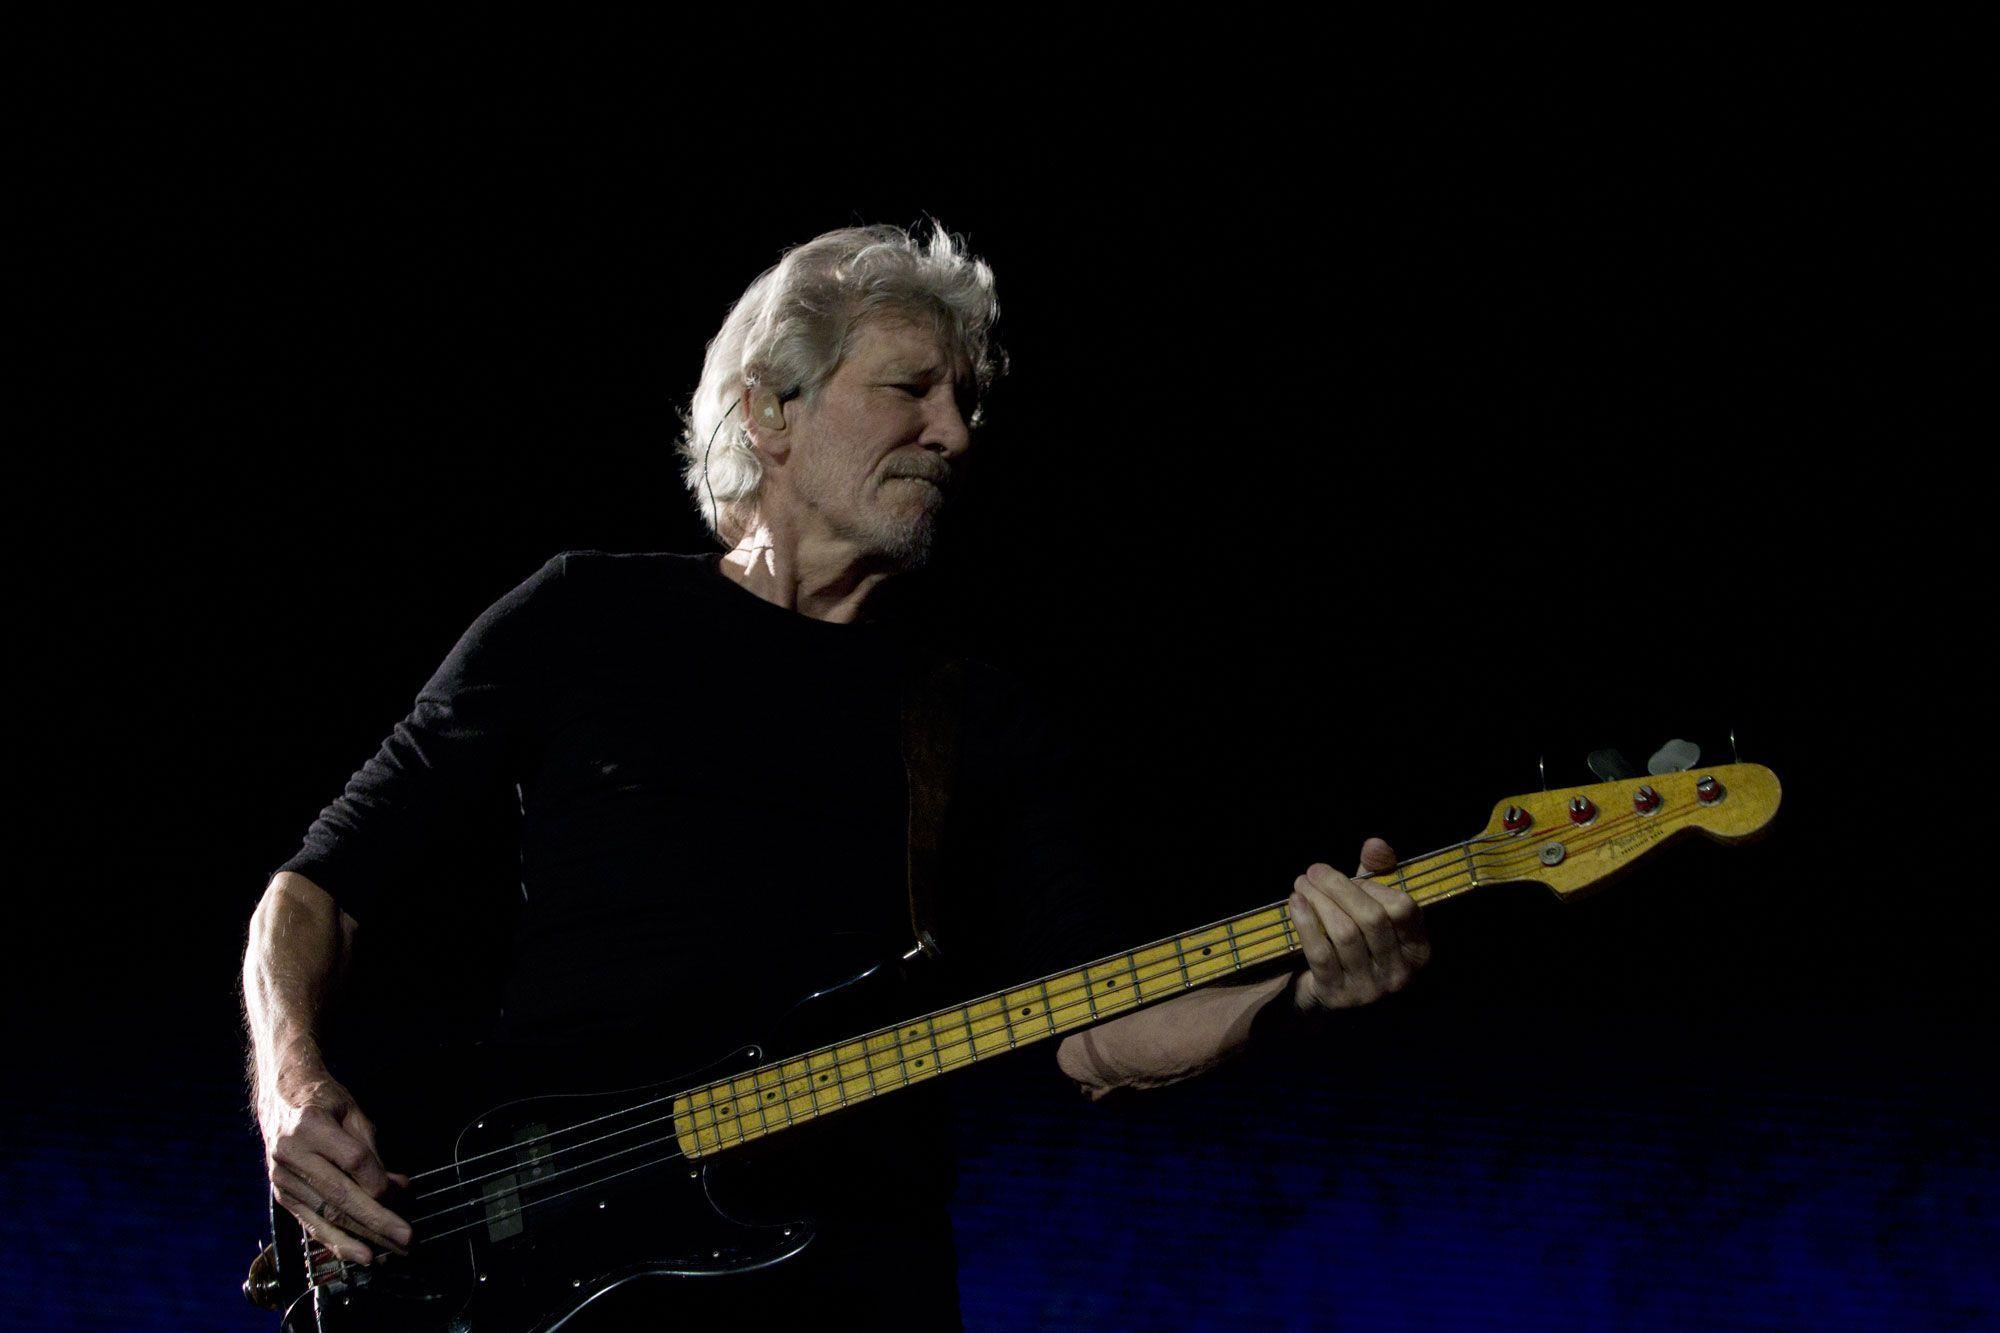 """Roger Waters respaldó a Evo Morales: """"Hiciste un trabajo maravilloso, espero que tu exilio sea corto"""""""